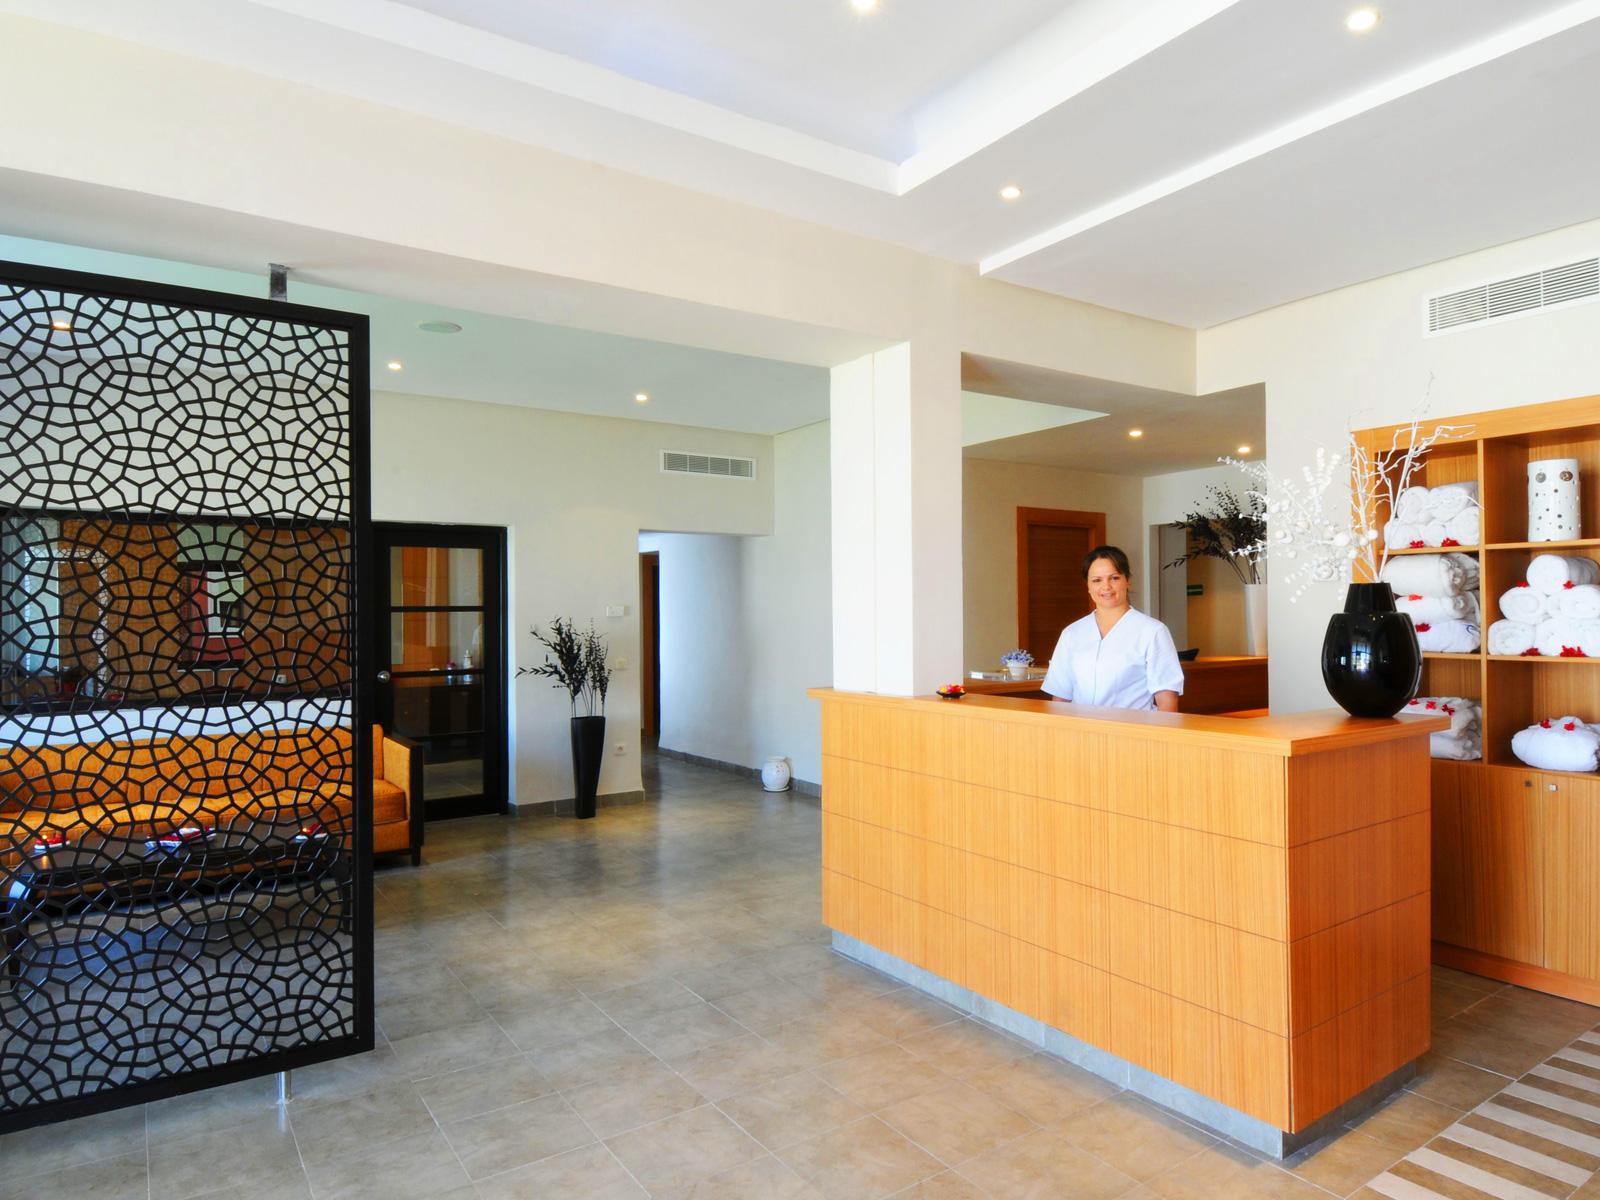 Spa Hotel Hamammet Nozha Beach - Vincci Hoteles